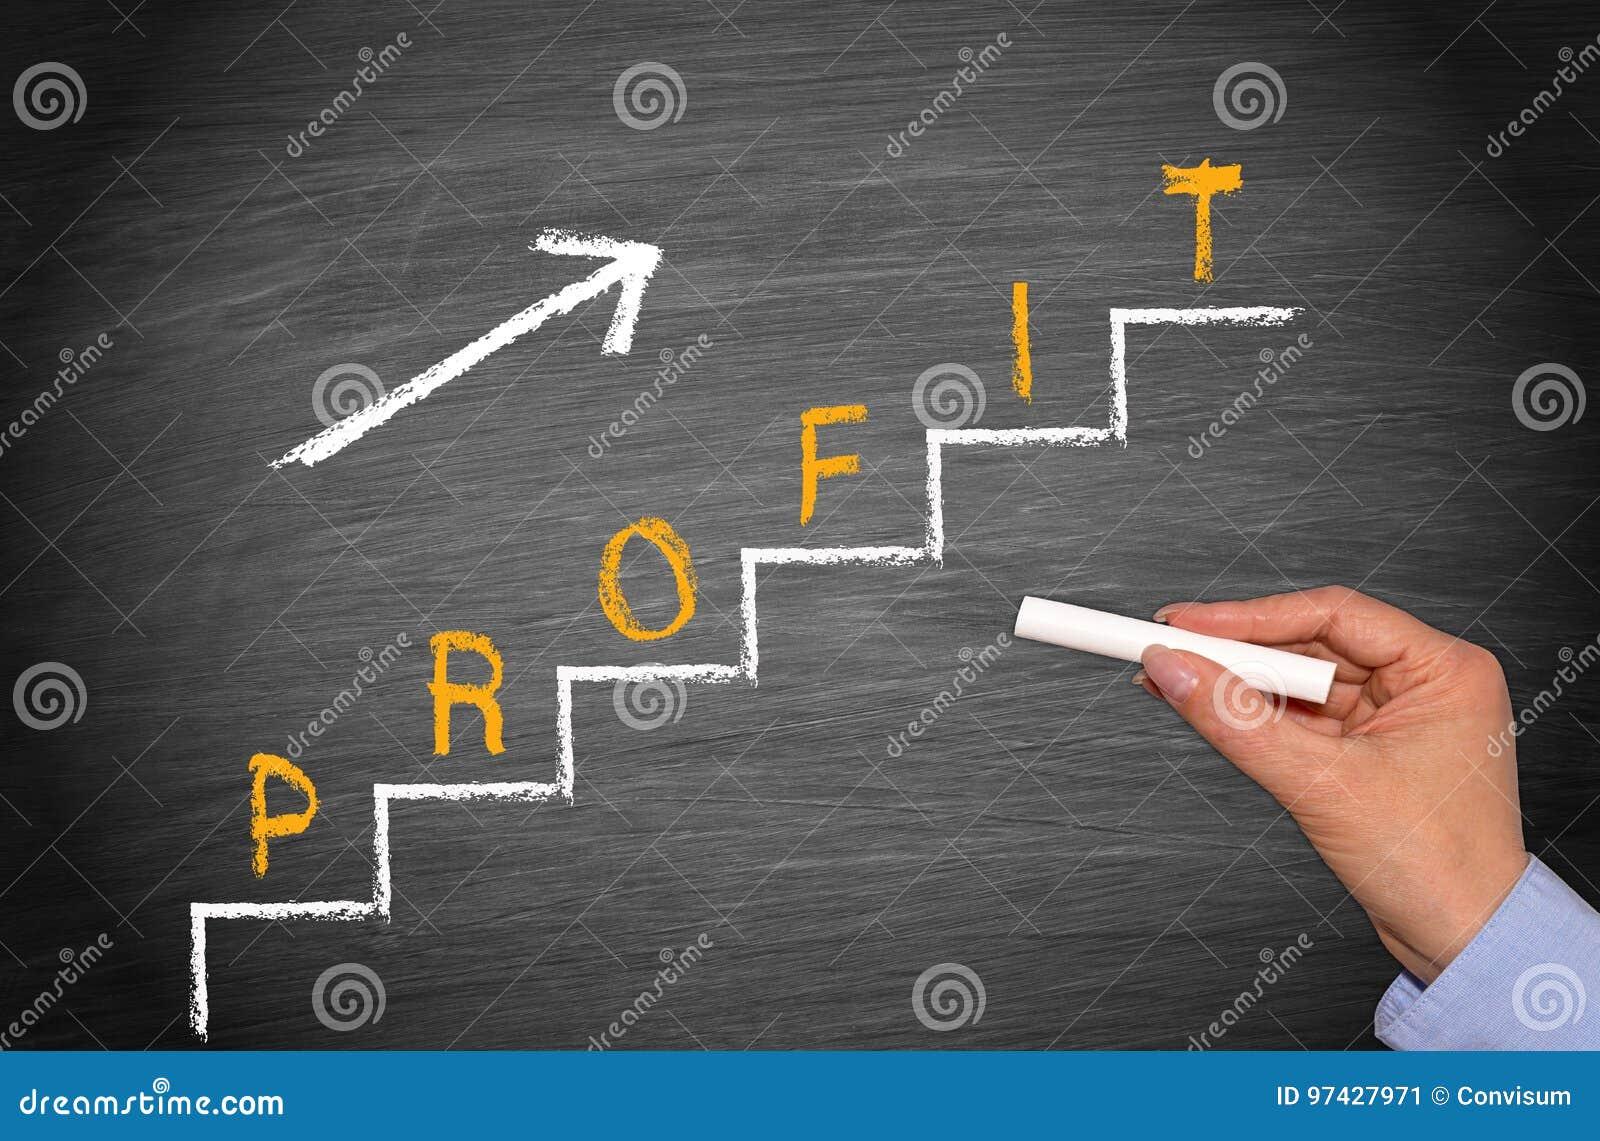 Beneficio - concepto del negocio y de las finanzas